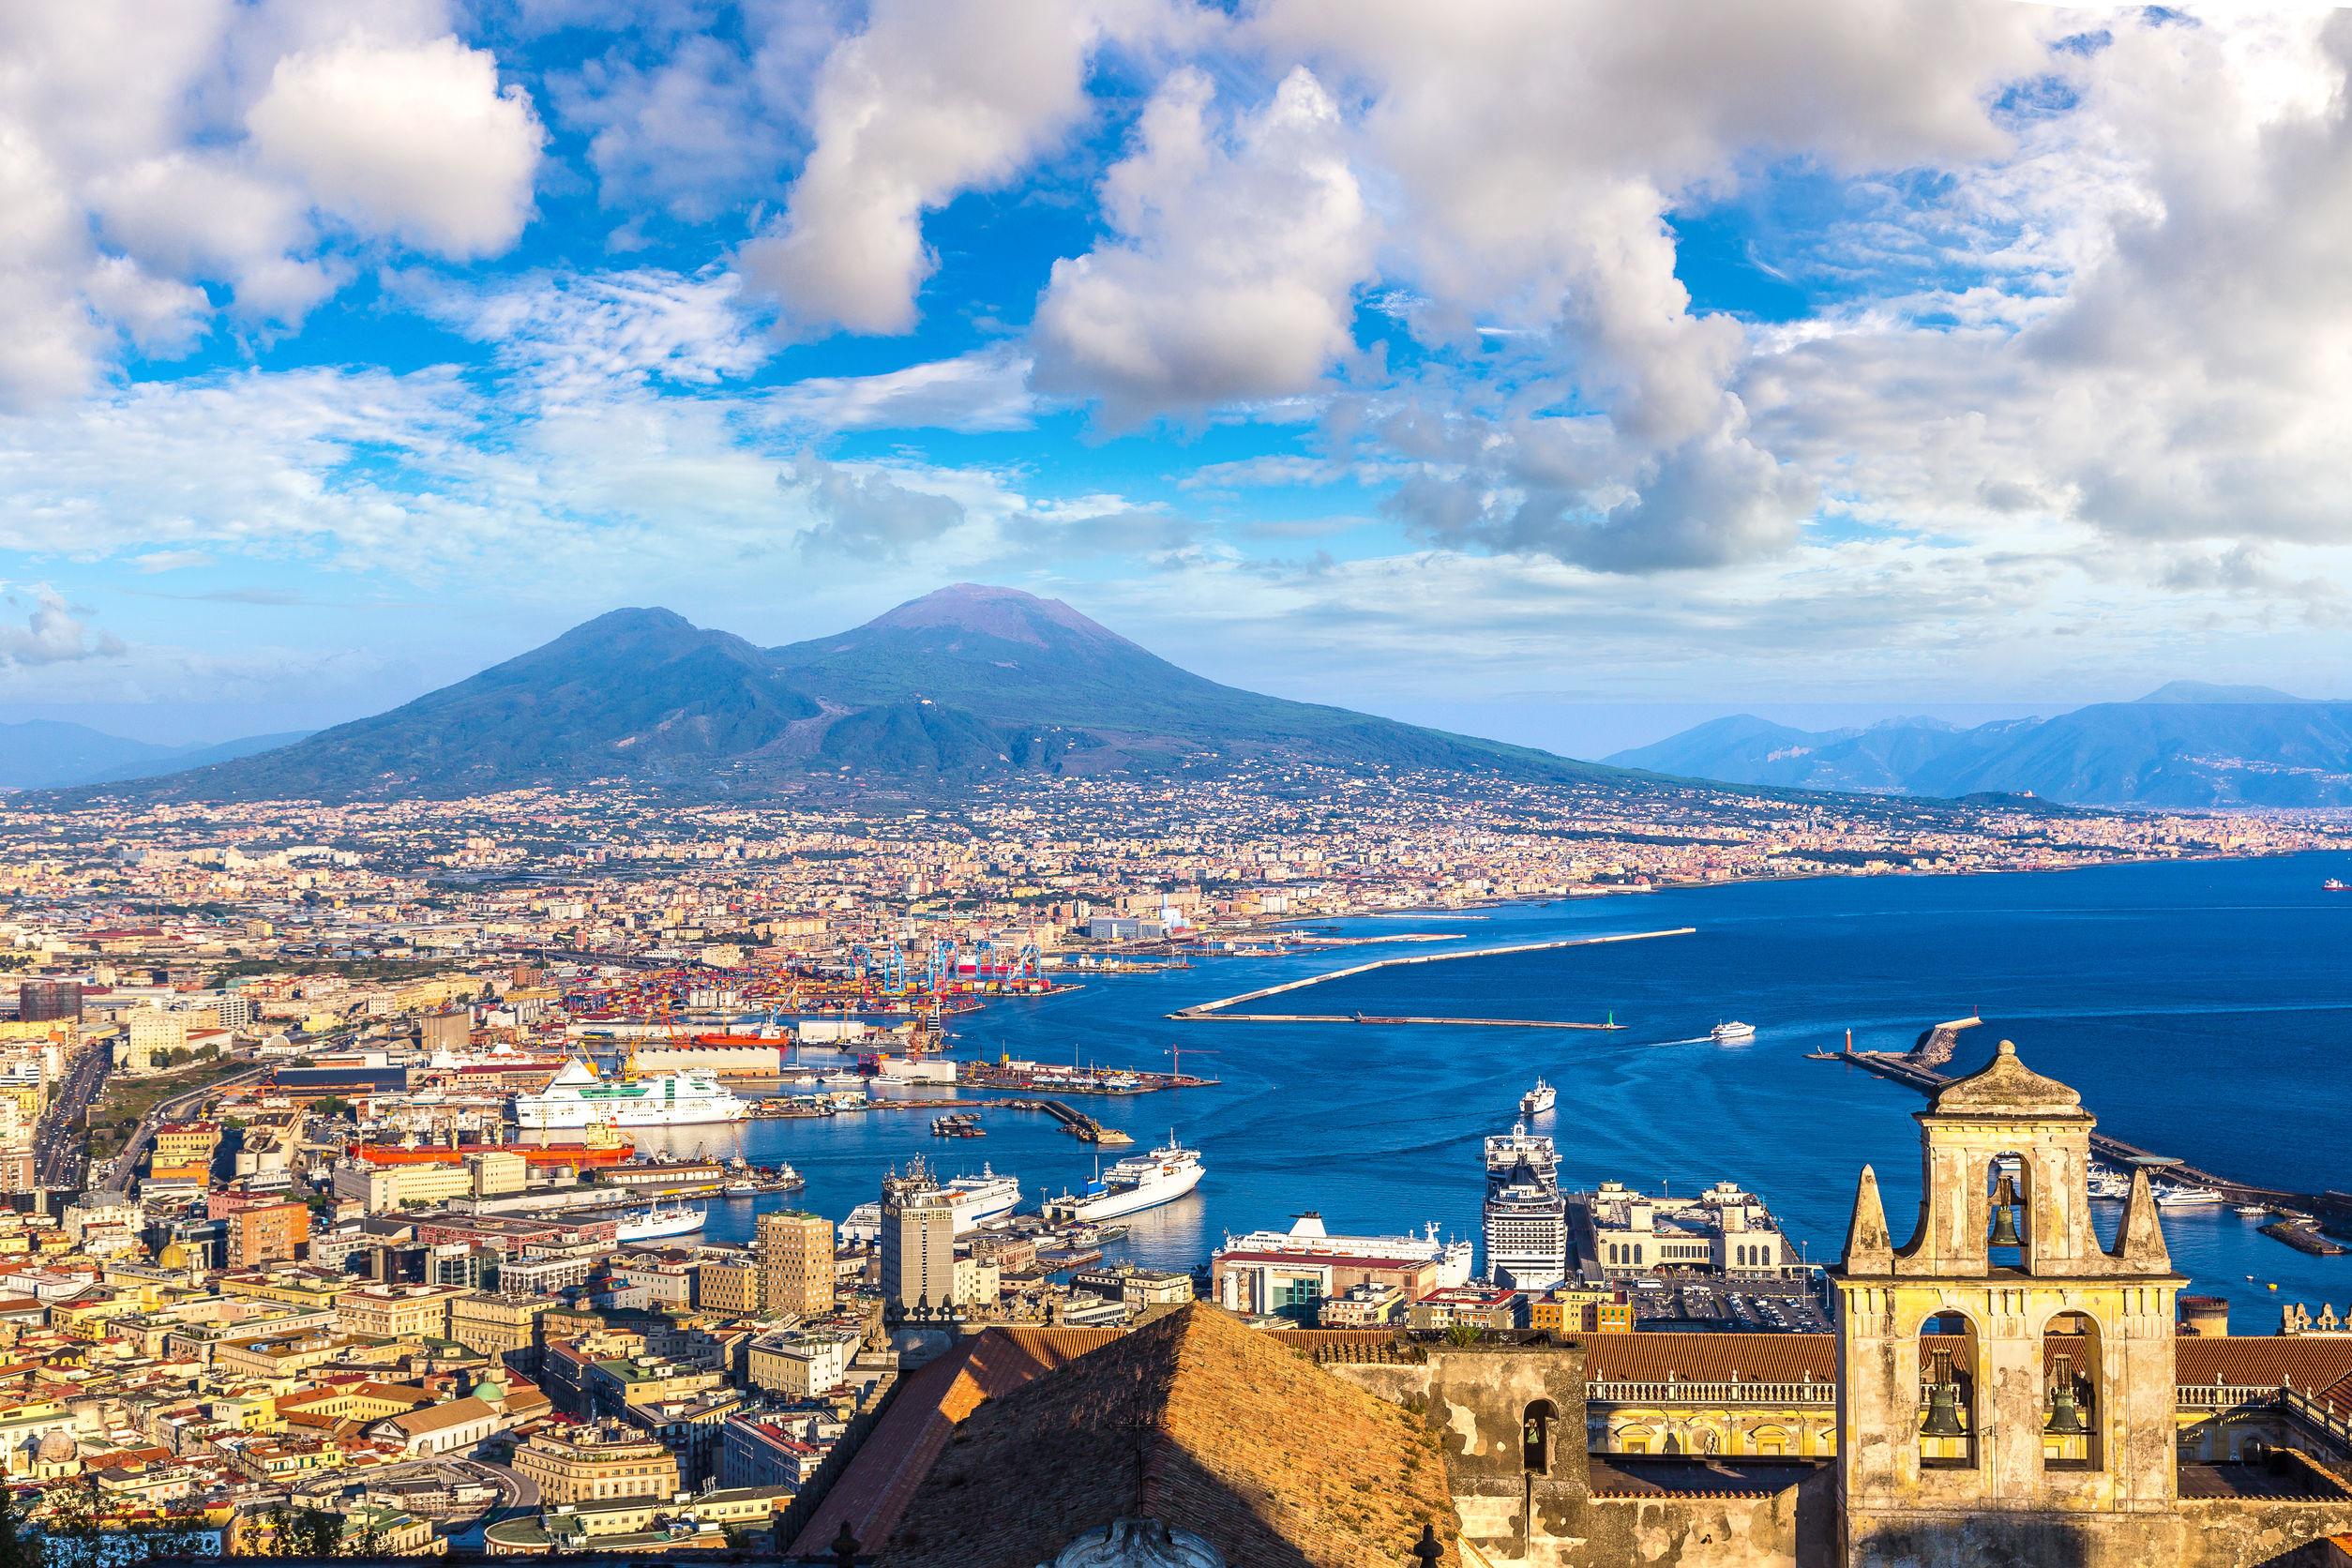 Städtereise Neapel: Empfehlungen und Vergleich (01/21)